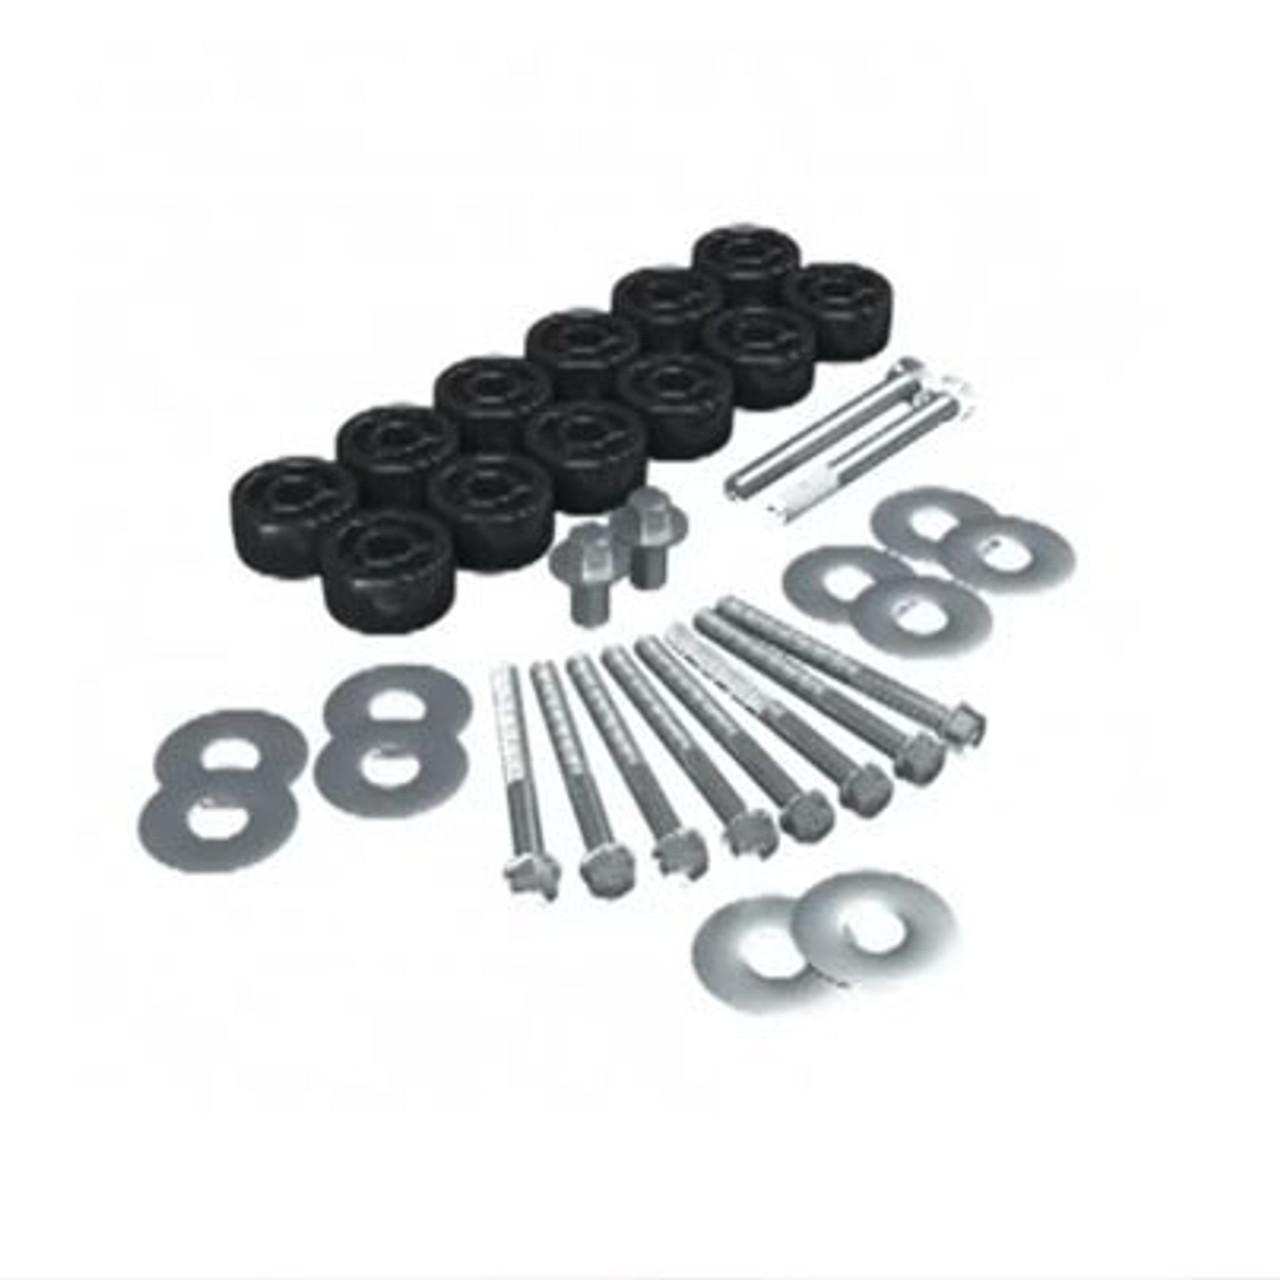 """Teraflex 4152100 1.25"""" Body Lift Kit for JK"""